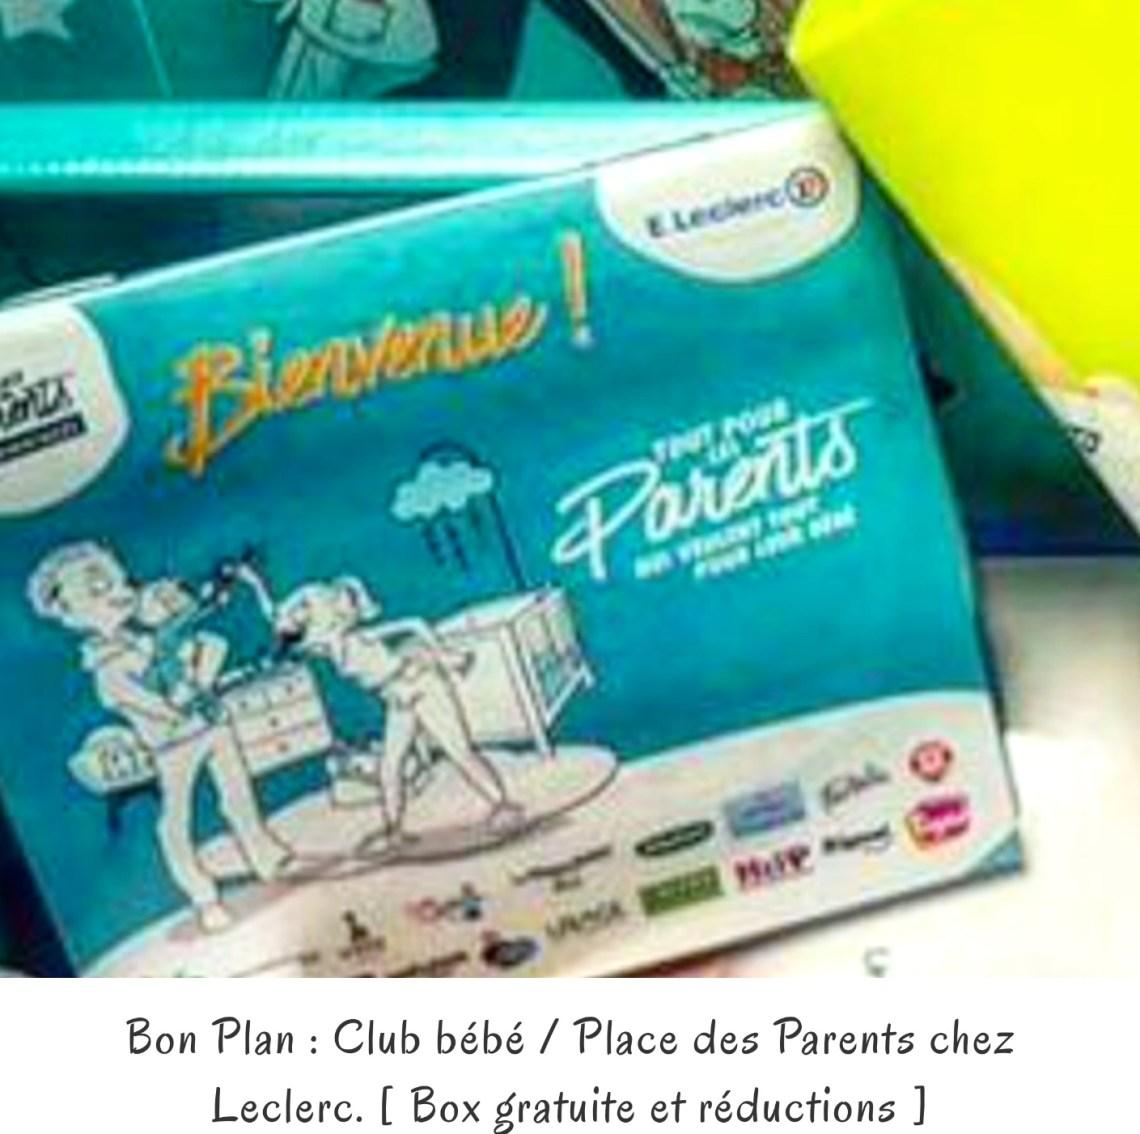 Bon Plan: Club bébé Leclerc - [Box gratuite et réductions]